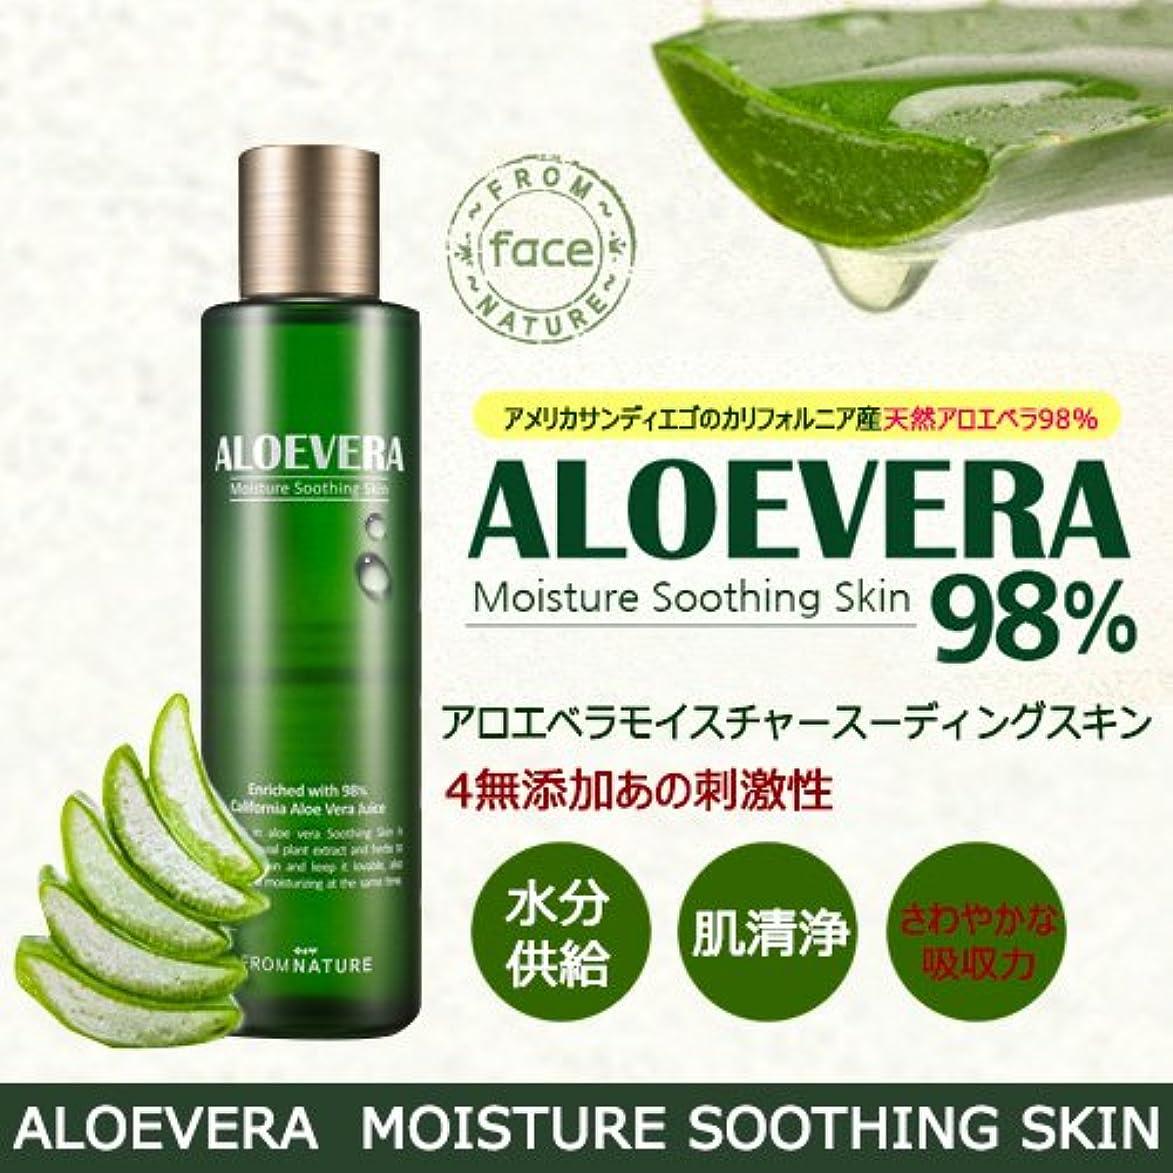 三角解決シャーロットブロンテ[FROMNATURE][フロムネイチャー] アロエベラモイスチャースーディングスキン(From Nature Aloevera Moisture Soothing Skin)